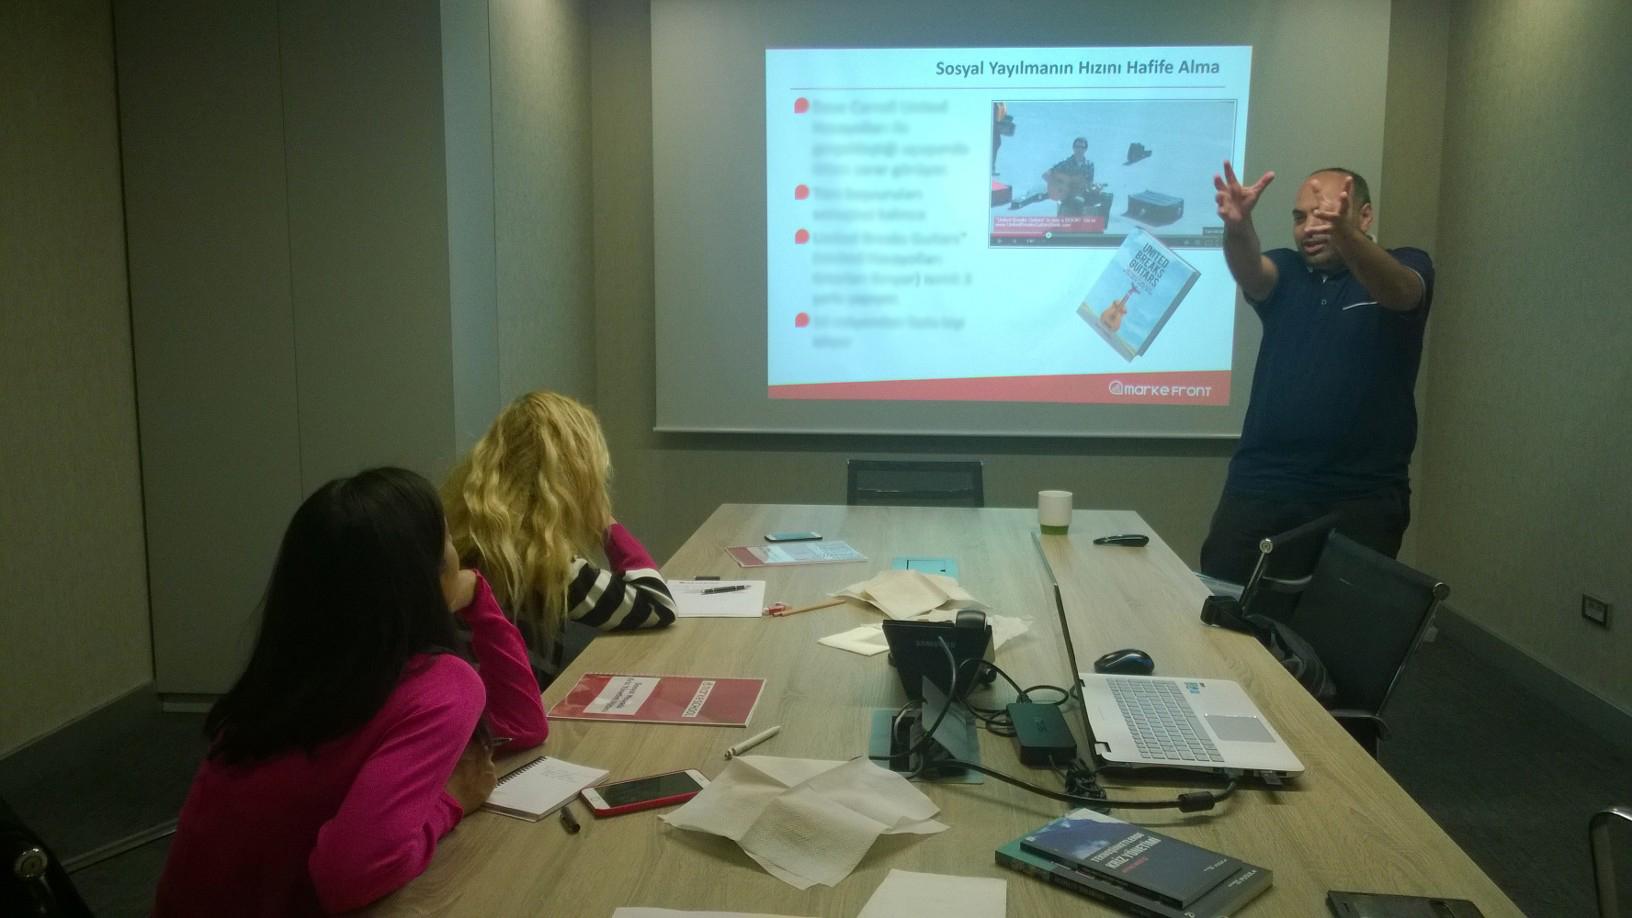 MarkeFront – Sosyal Medyada Kriz Yönetimi Eğitimi 26 Eylül'de Gerçekleşti